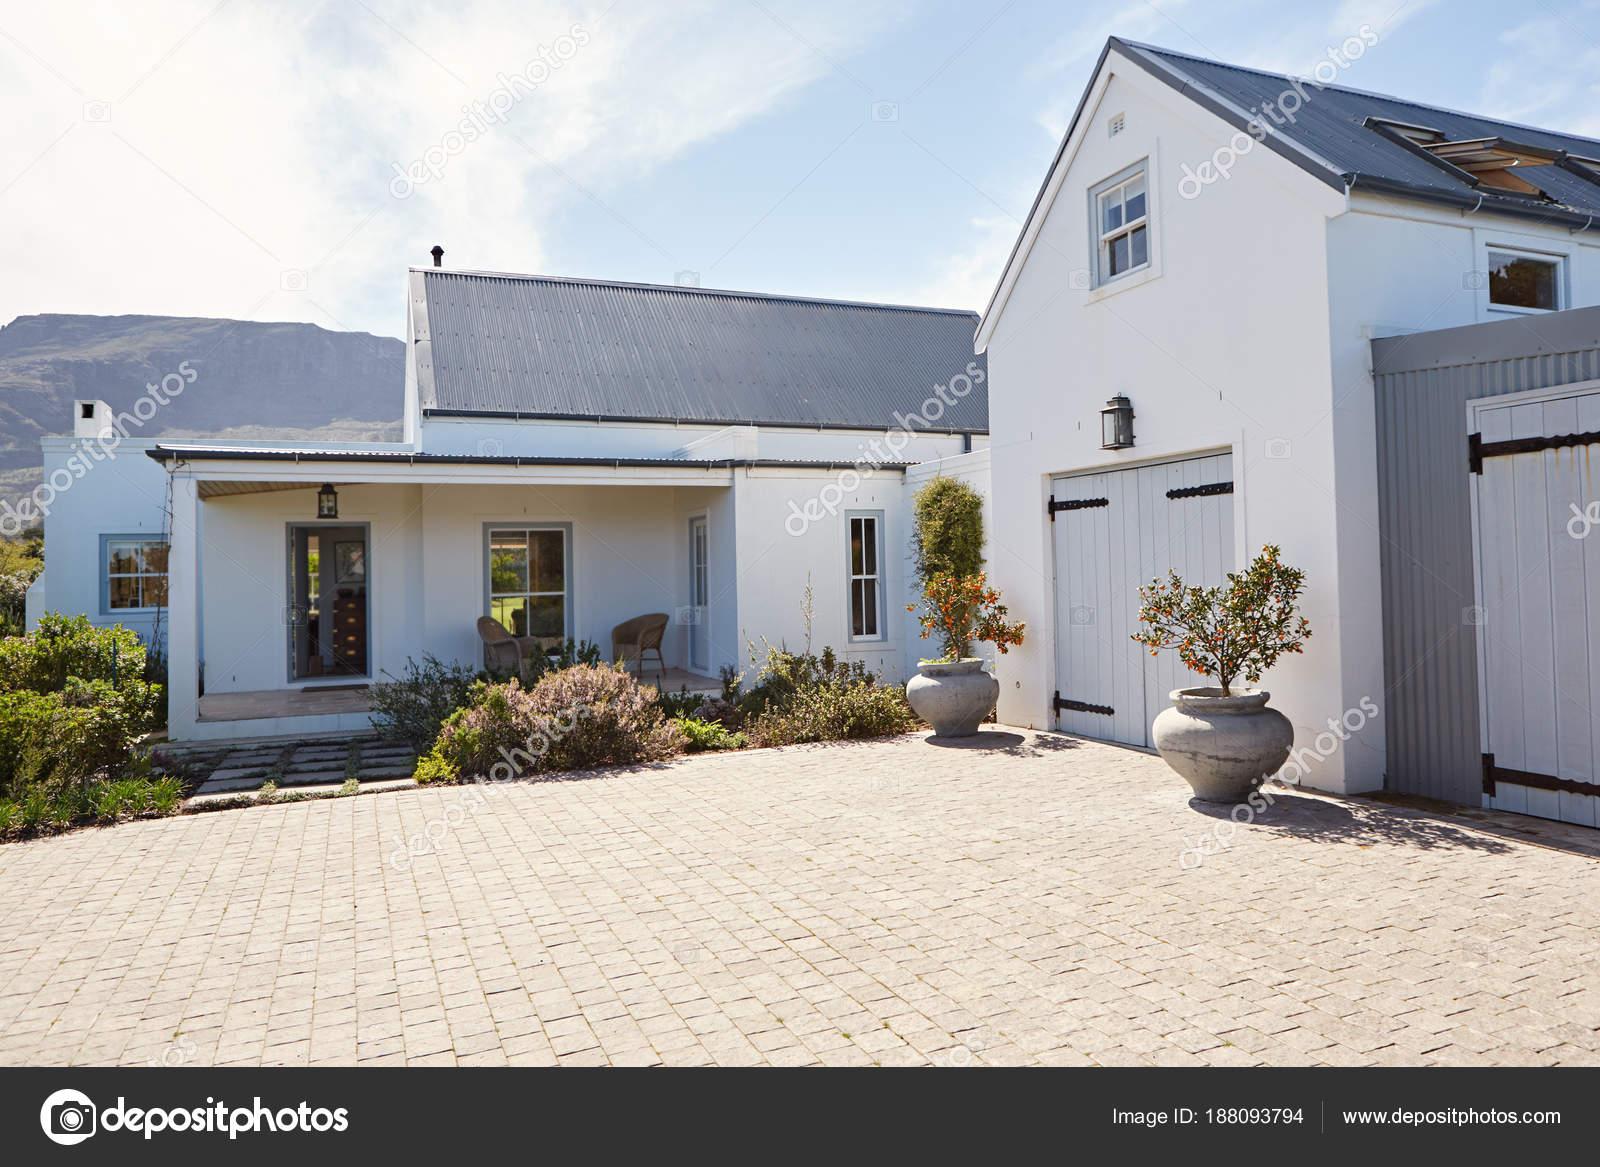 Esterno Di Una Casa : Esterno della porta ingresso garage una casa una giornata sole